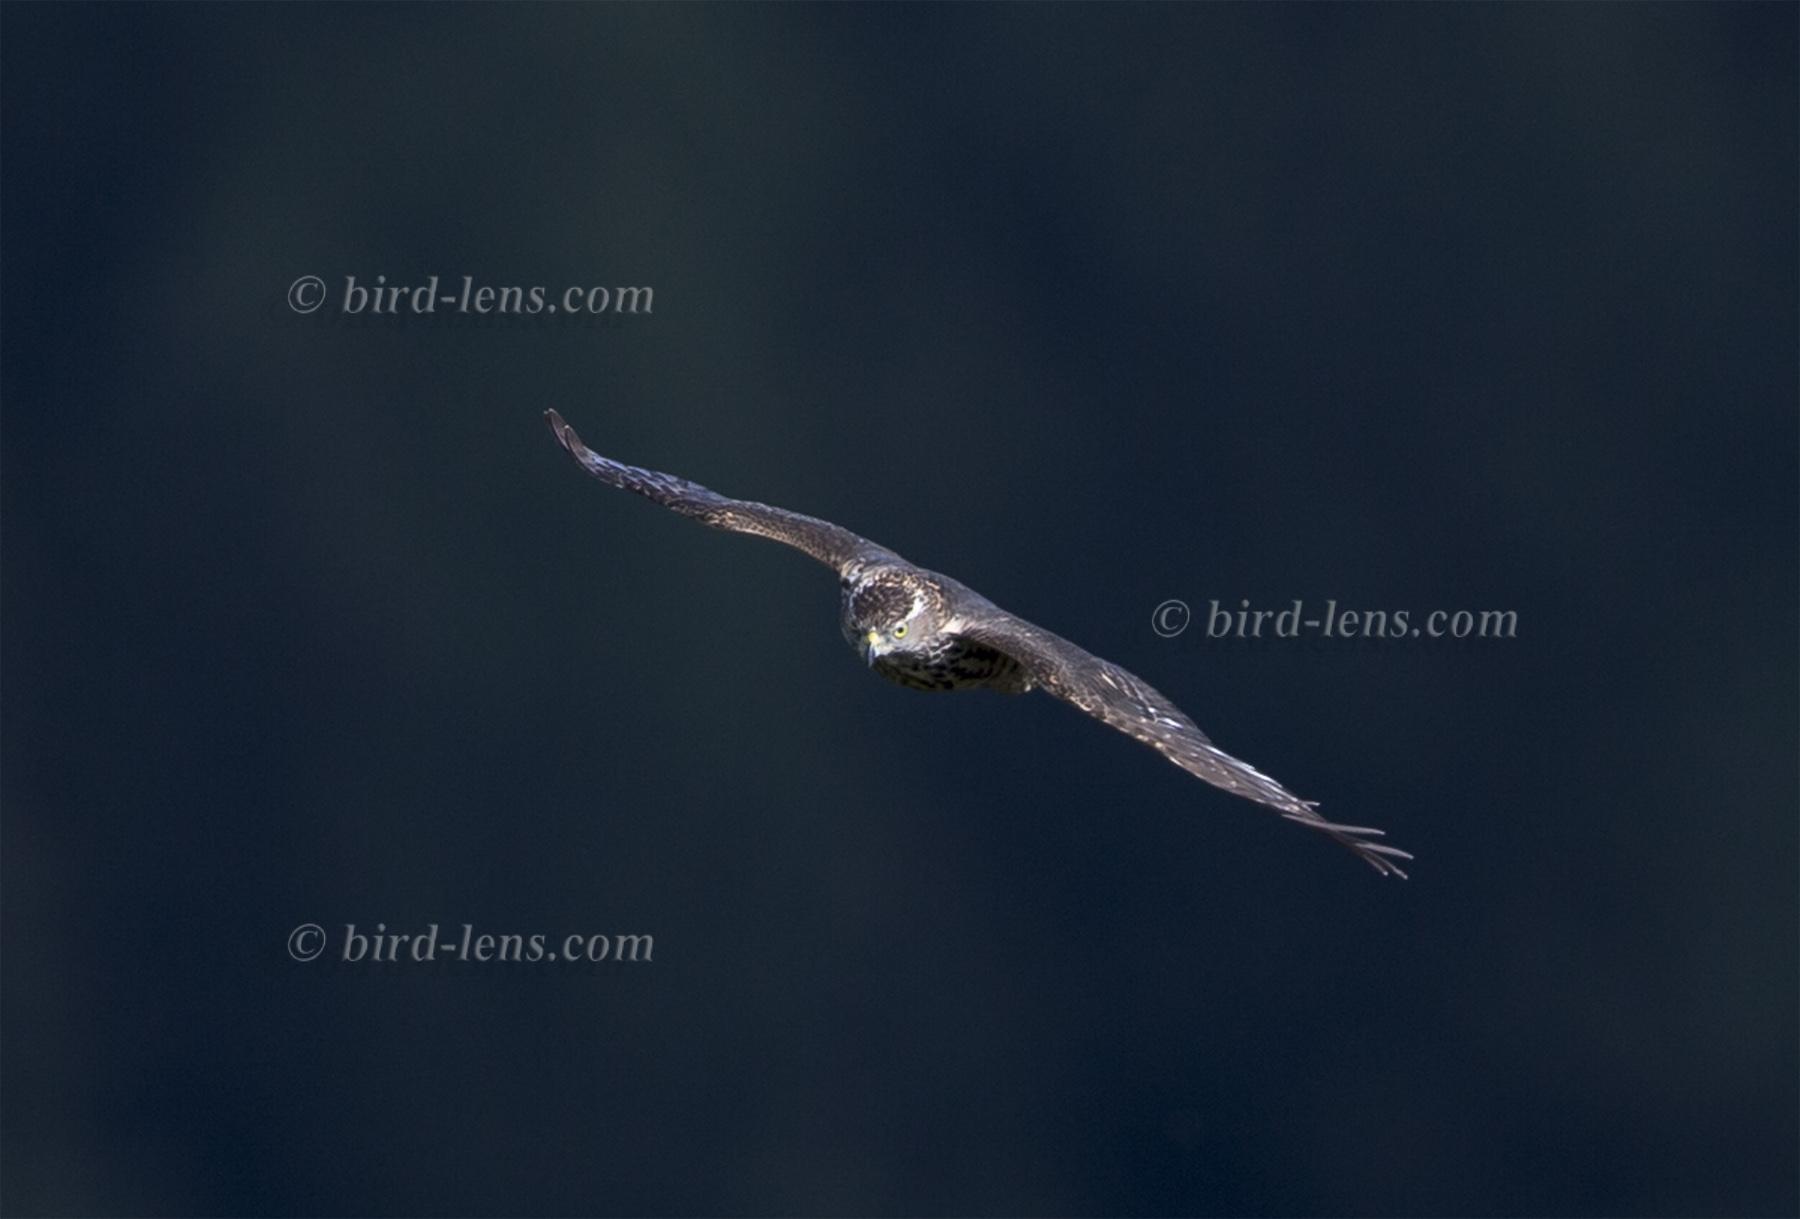 schwarzer vogel mit grauem nacken